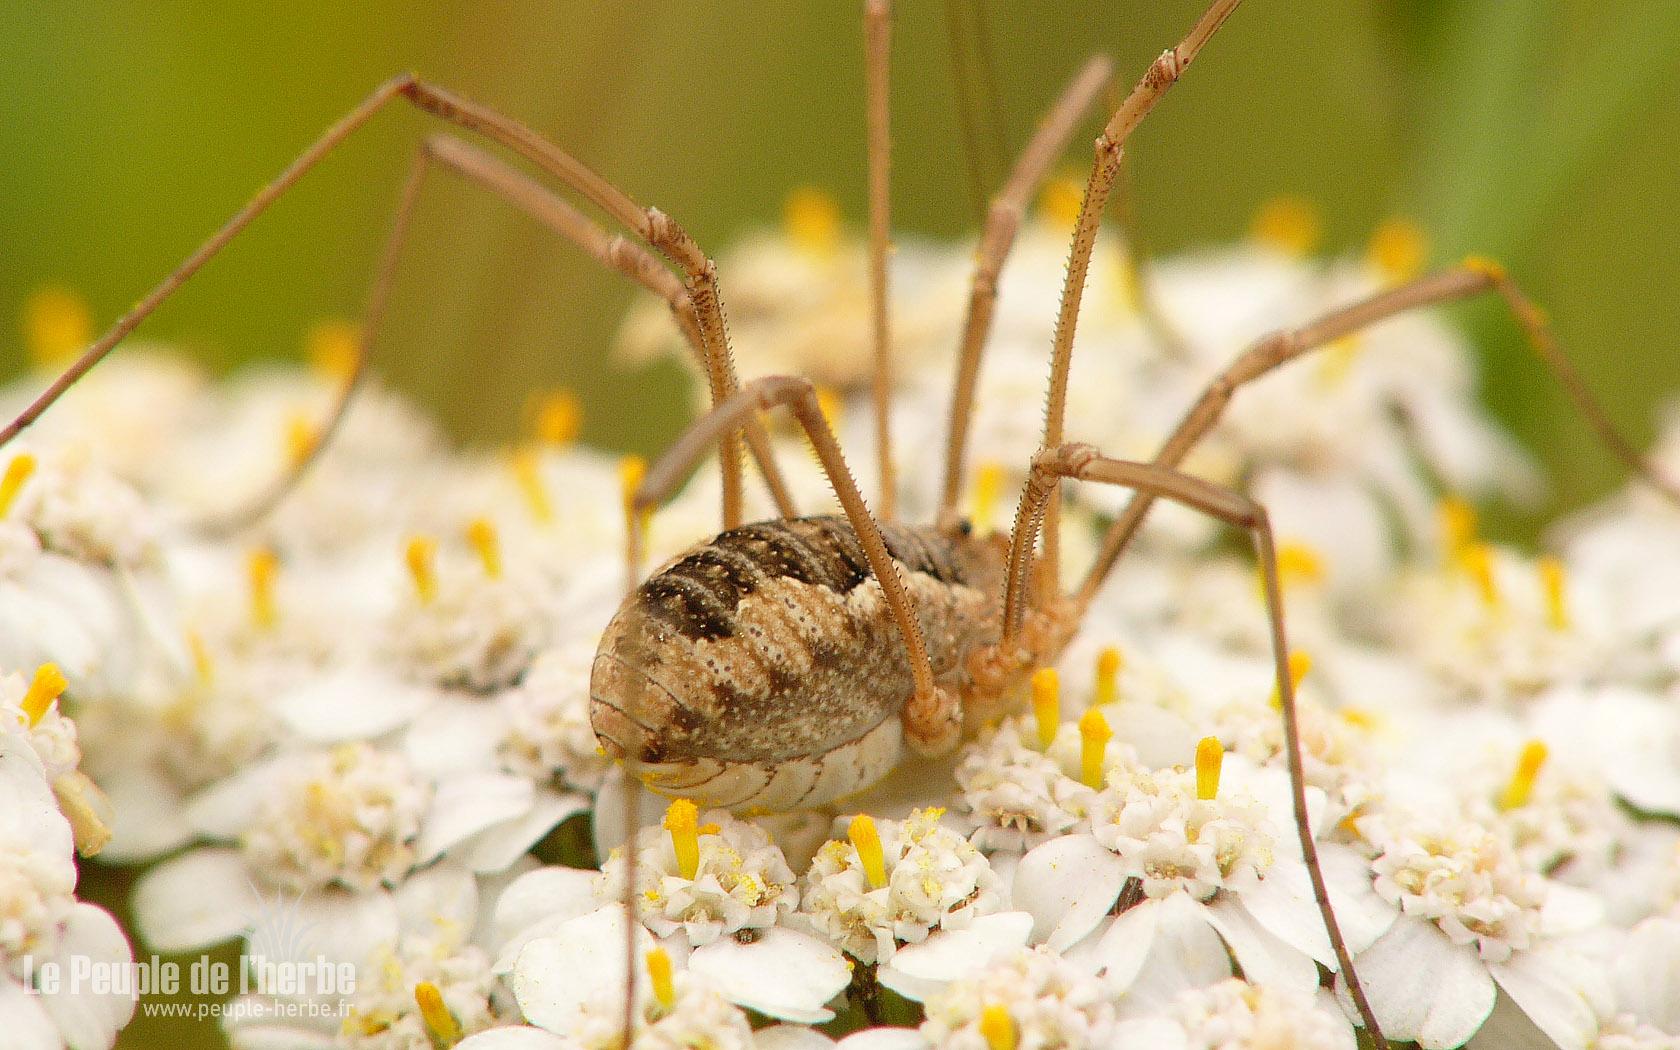 Faucheux Araignée fonds d'écran araignées 1680x1050 : faucheux